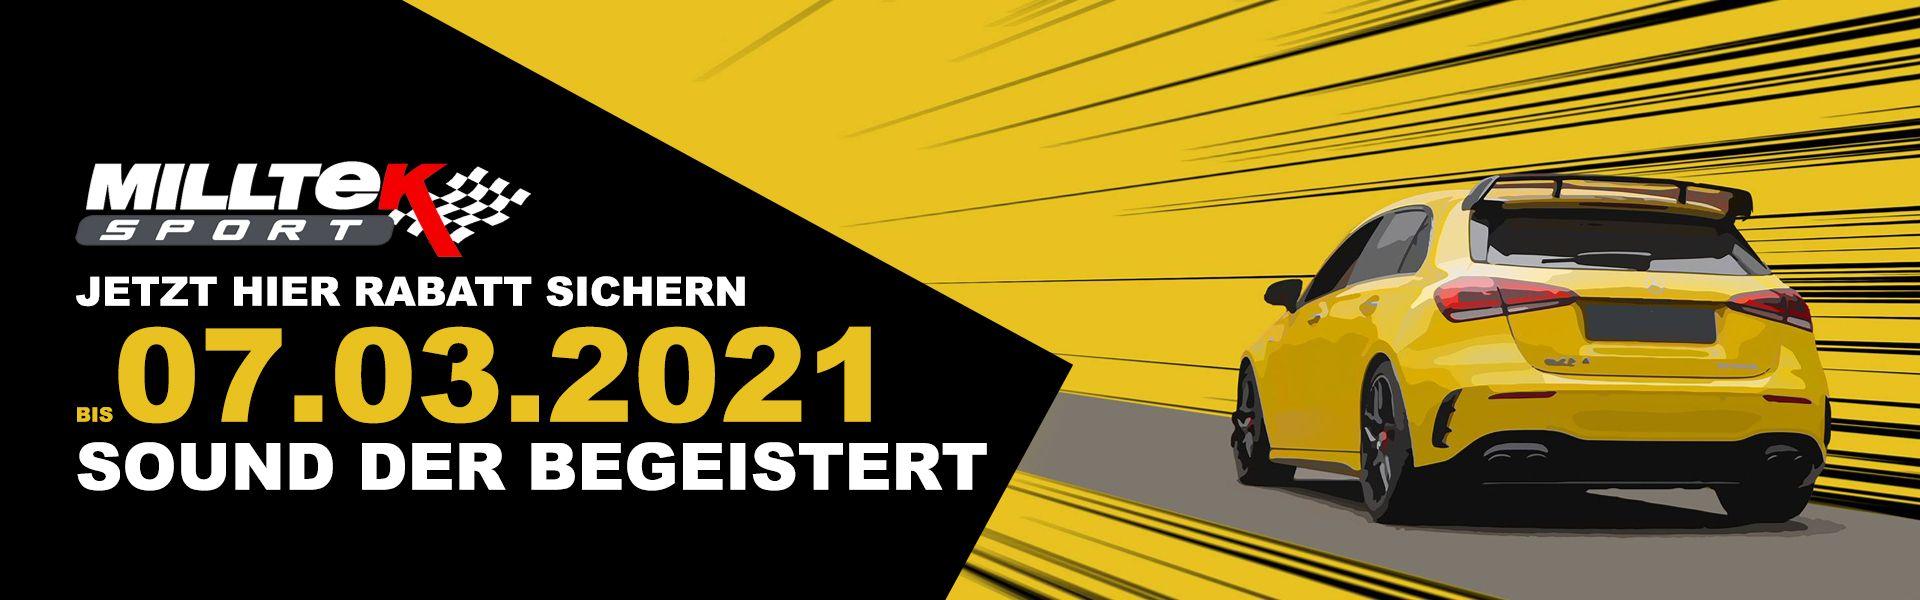 MILLTEK 2021